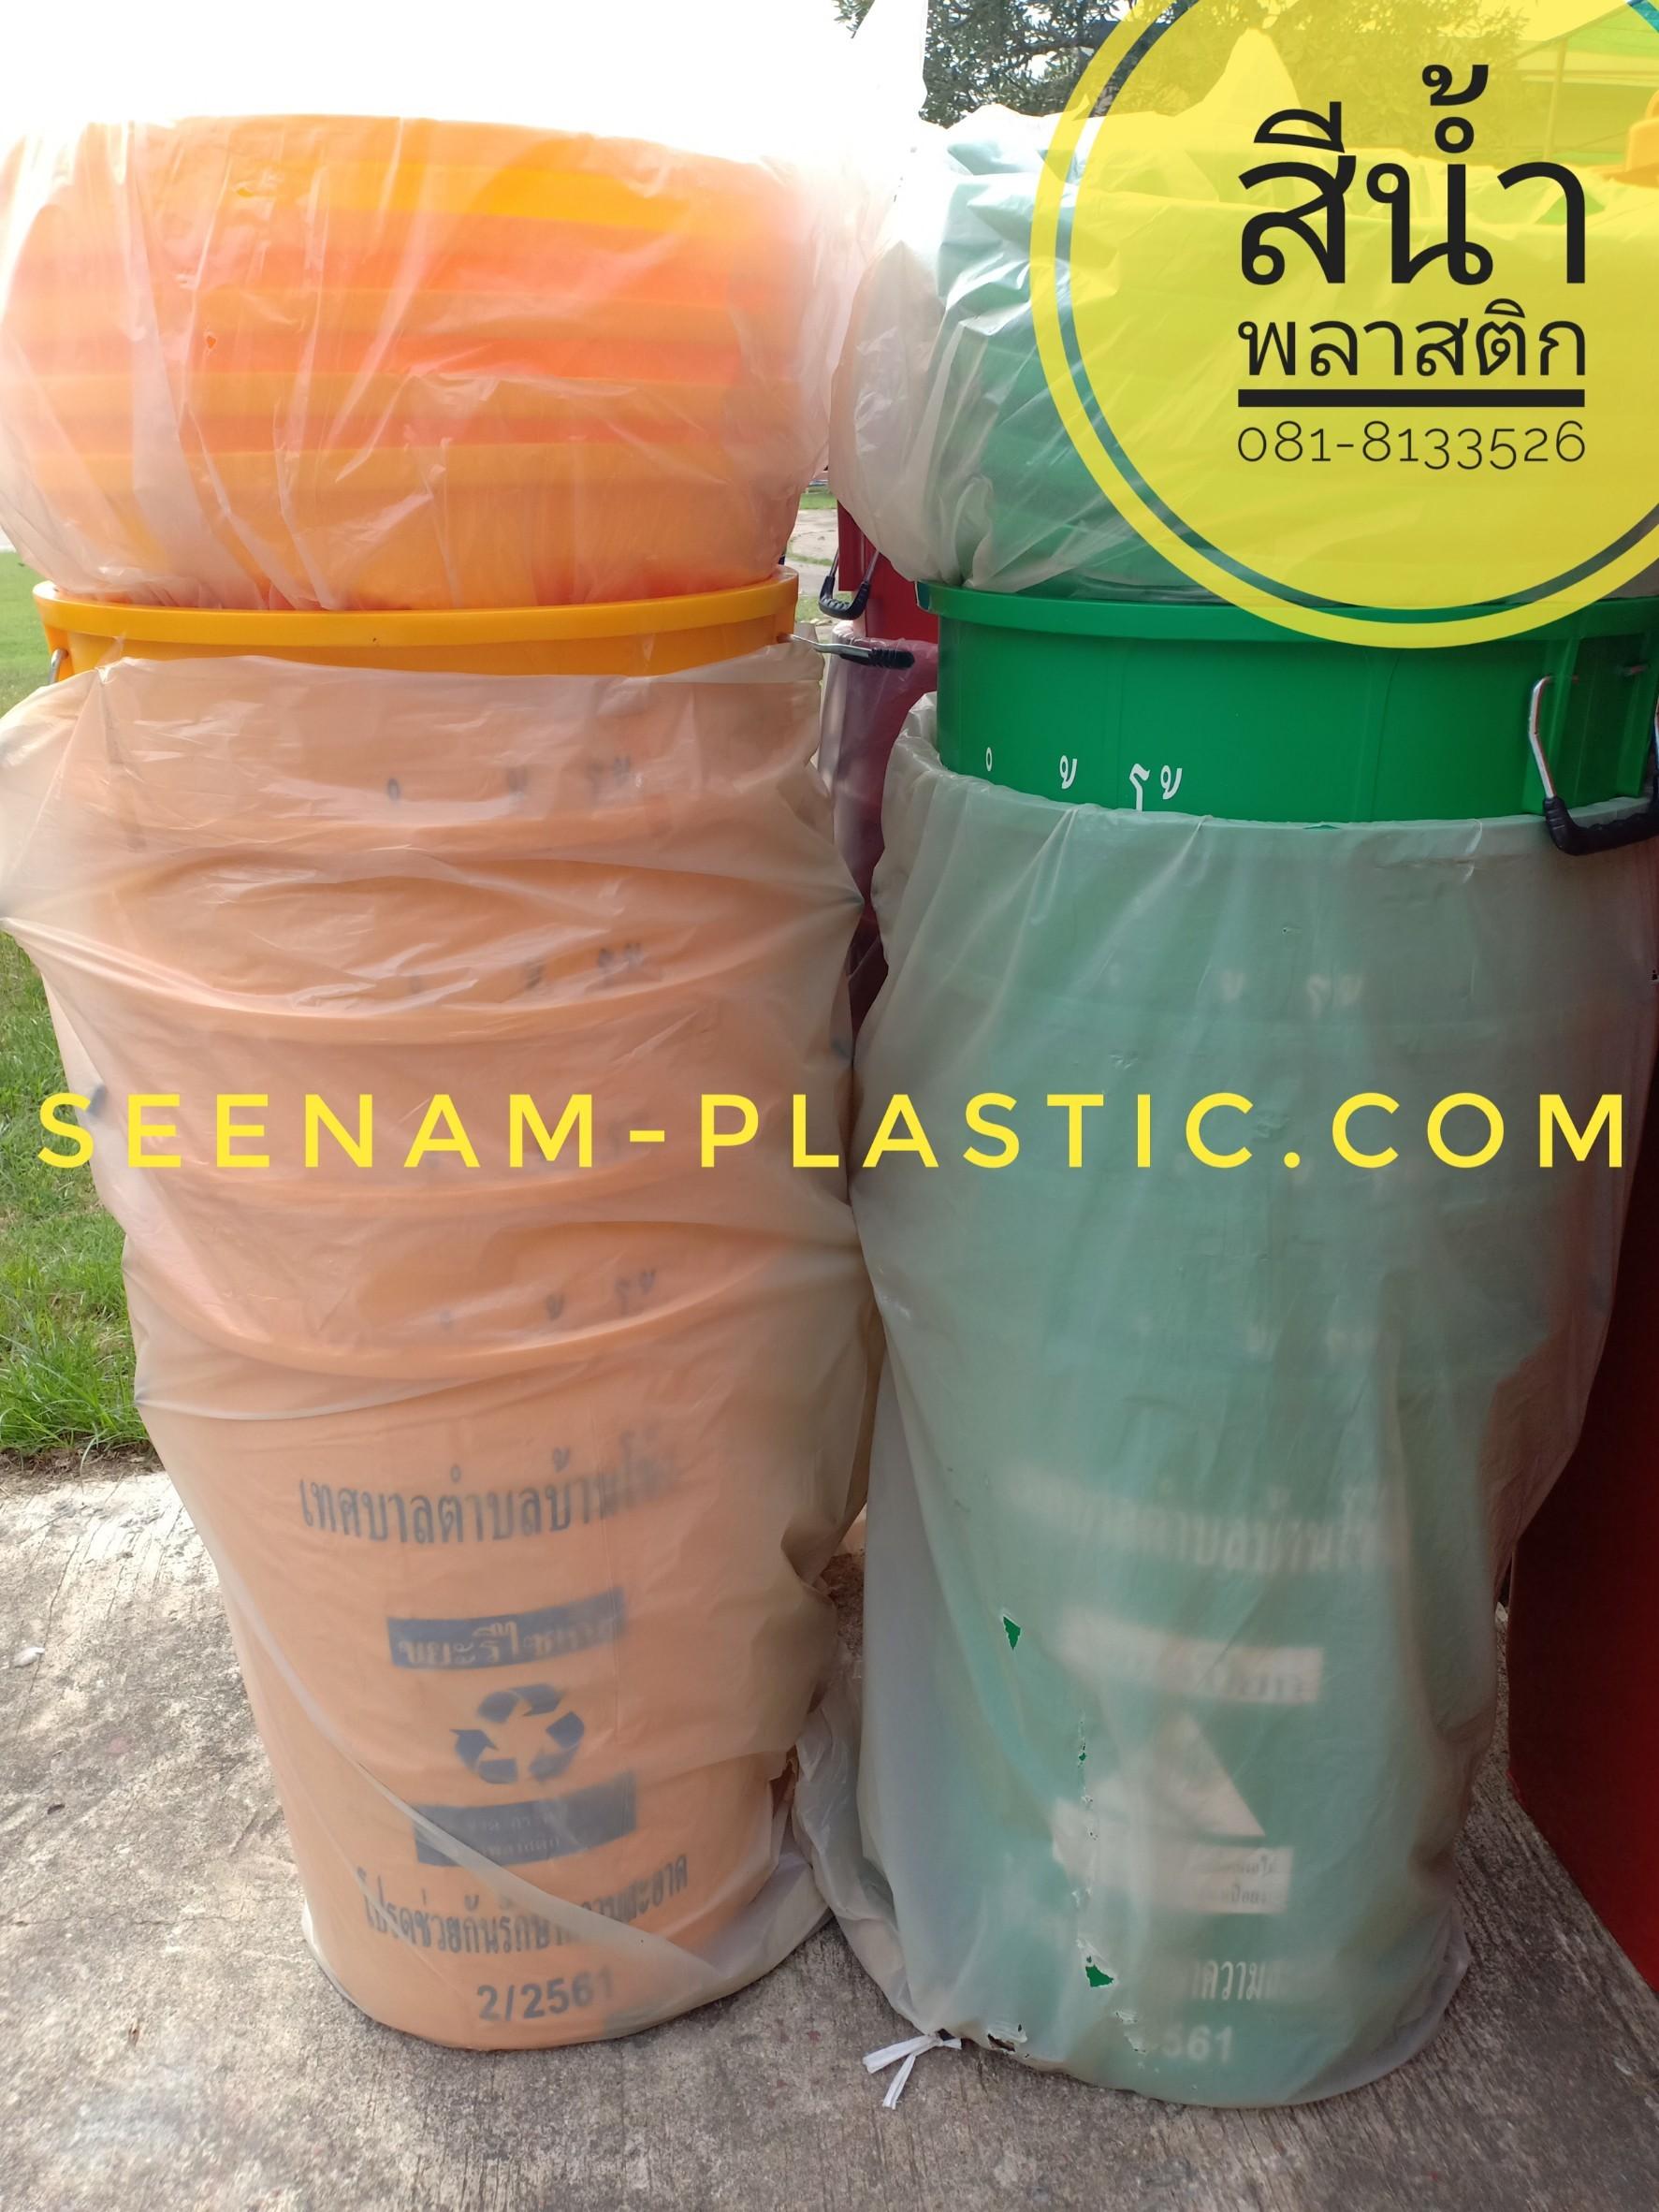 ถังขยะ100ลิตร ถังขยะพลาสติก100ลิตร ถังขยะพลาสติก ถังขยะเทศบาล ถังขยะกทม ขายส่งถังขยะพลาสติก